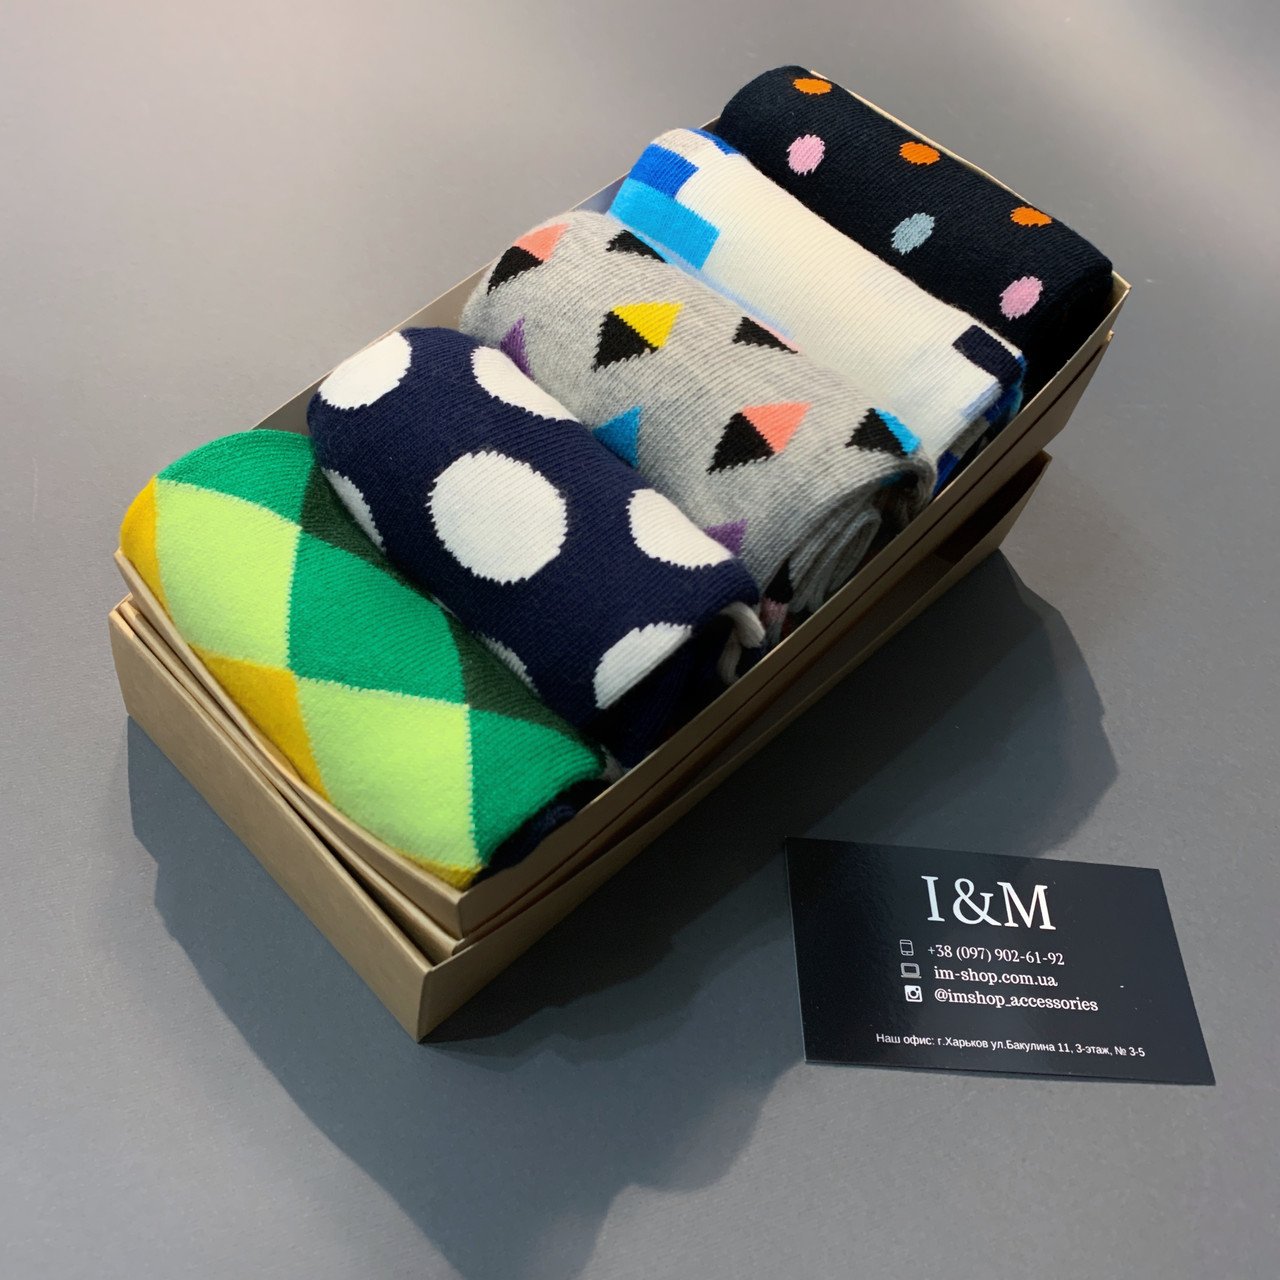 Набор носков I&M Craft из 5-ти пар (070298)